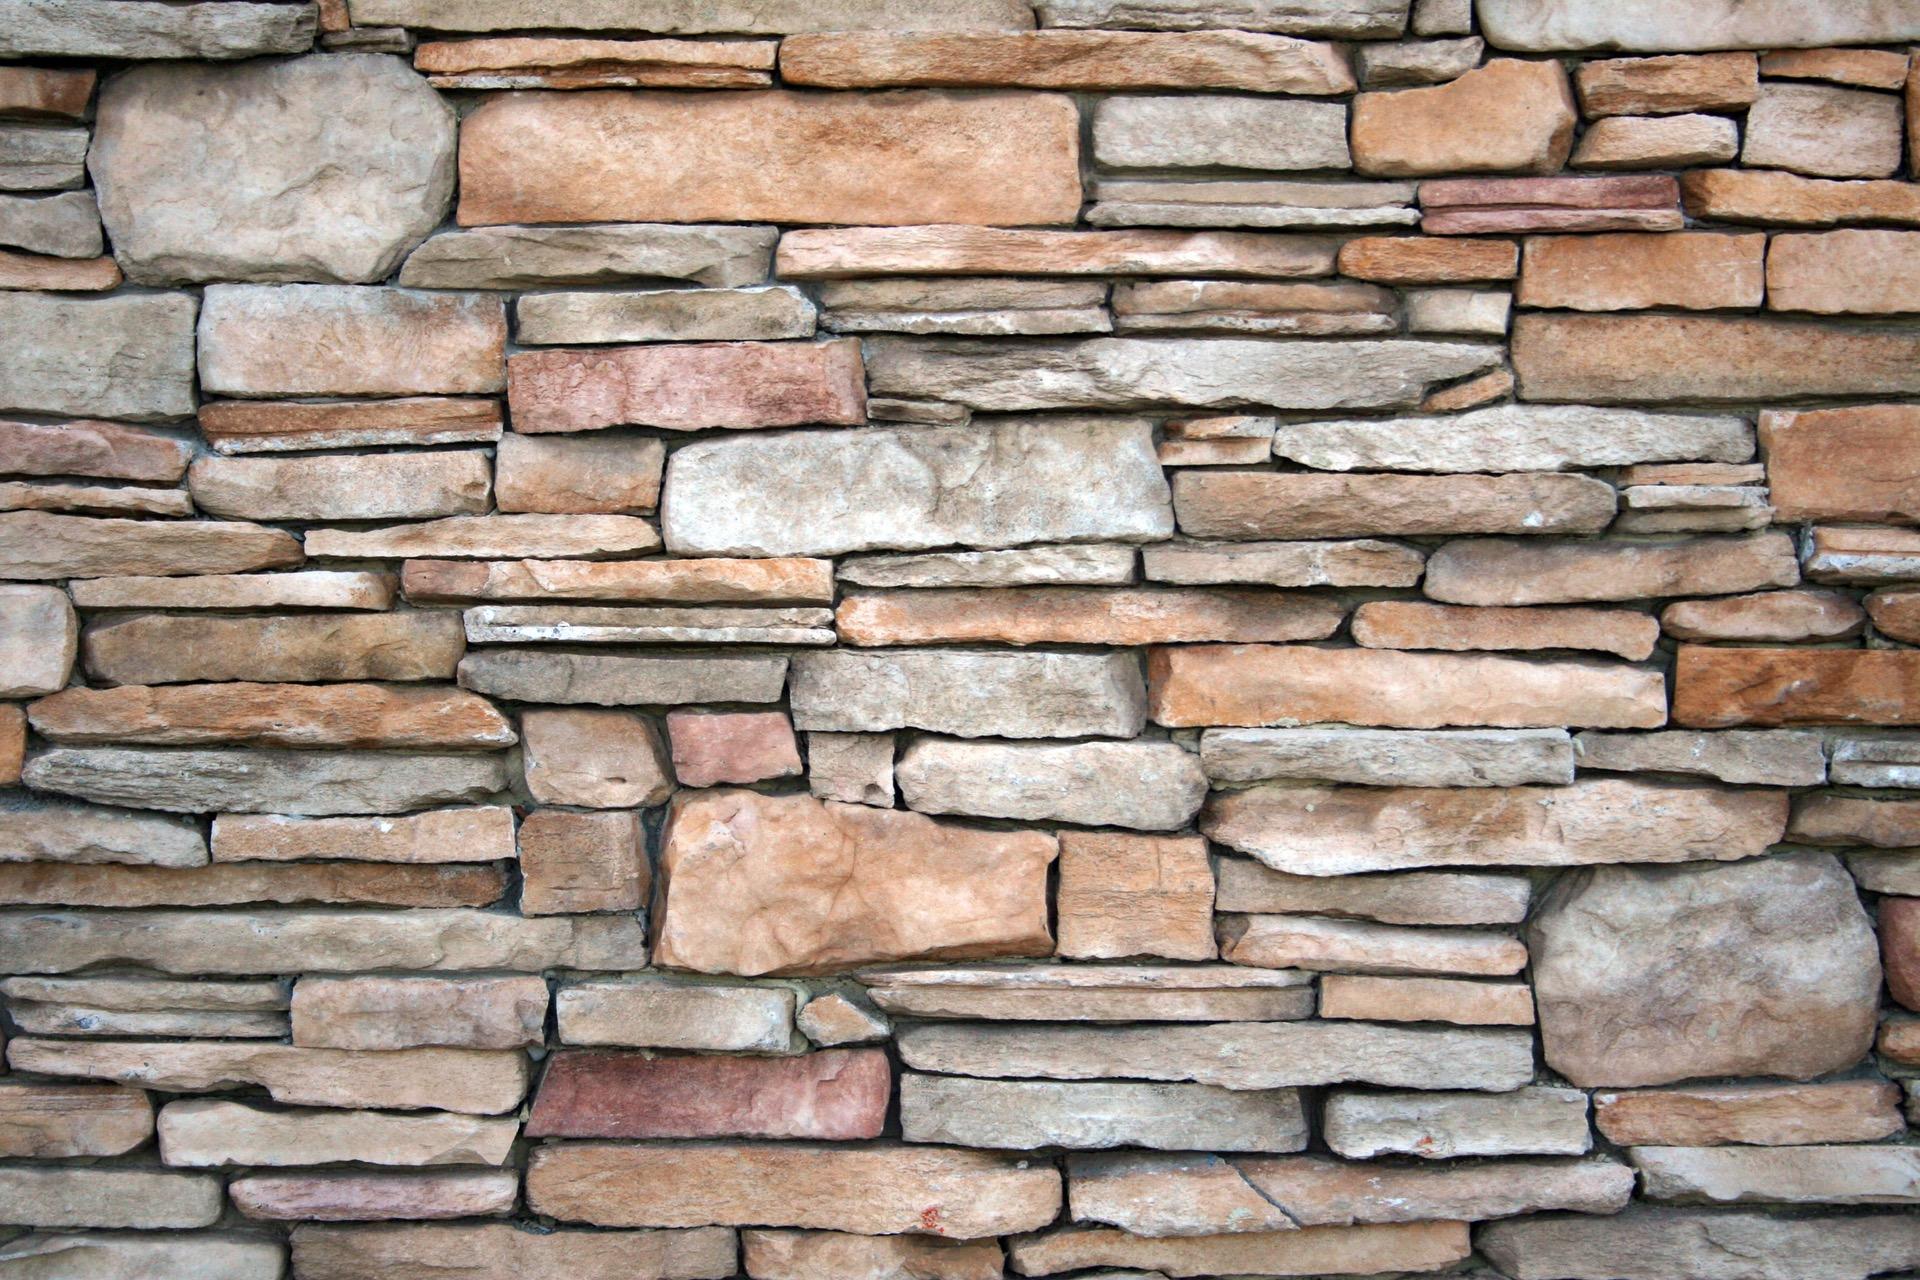 kako-cistiti-i-popraviti-kameni-zid-popravak- ostecenih-kamenih-zidova-kako-hr